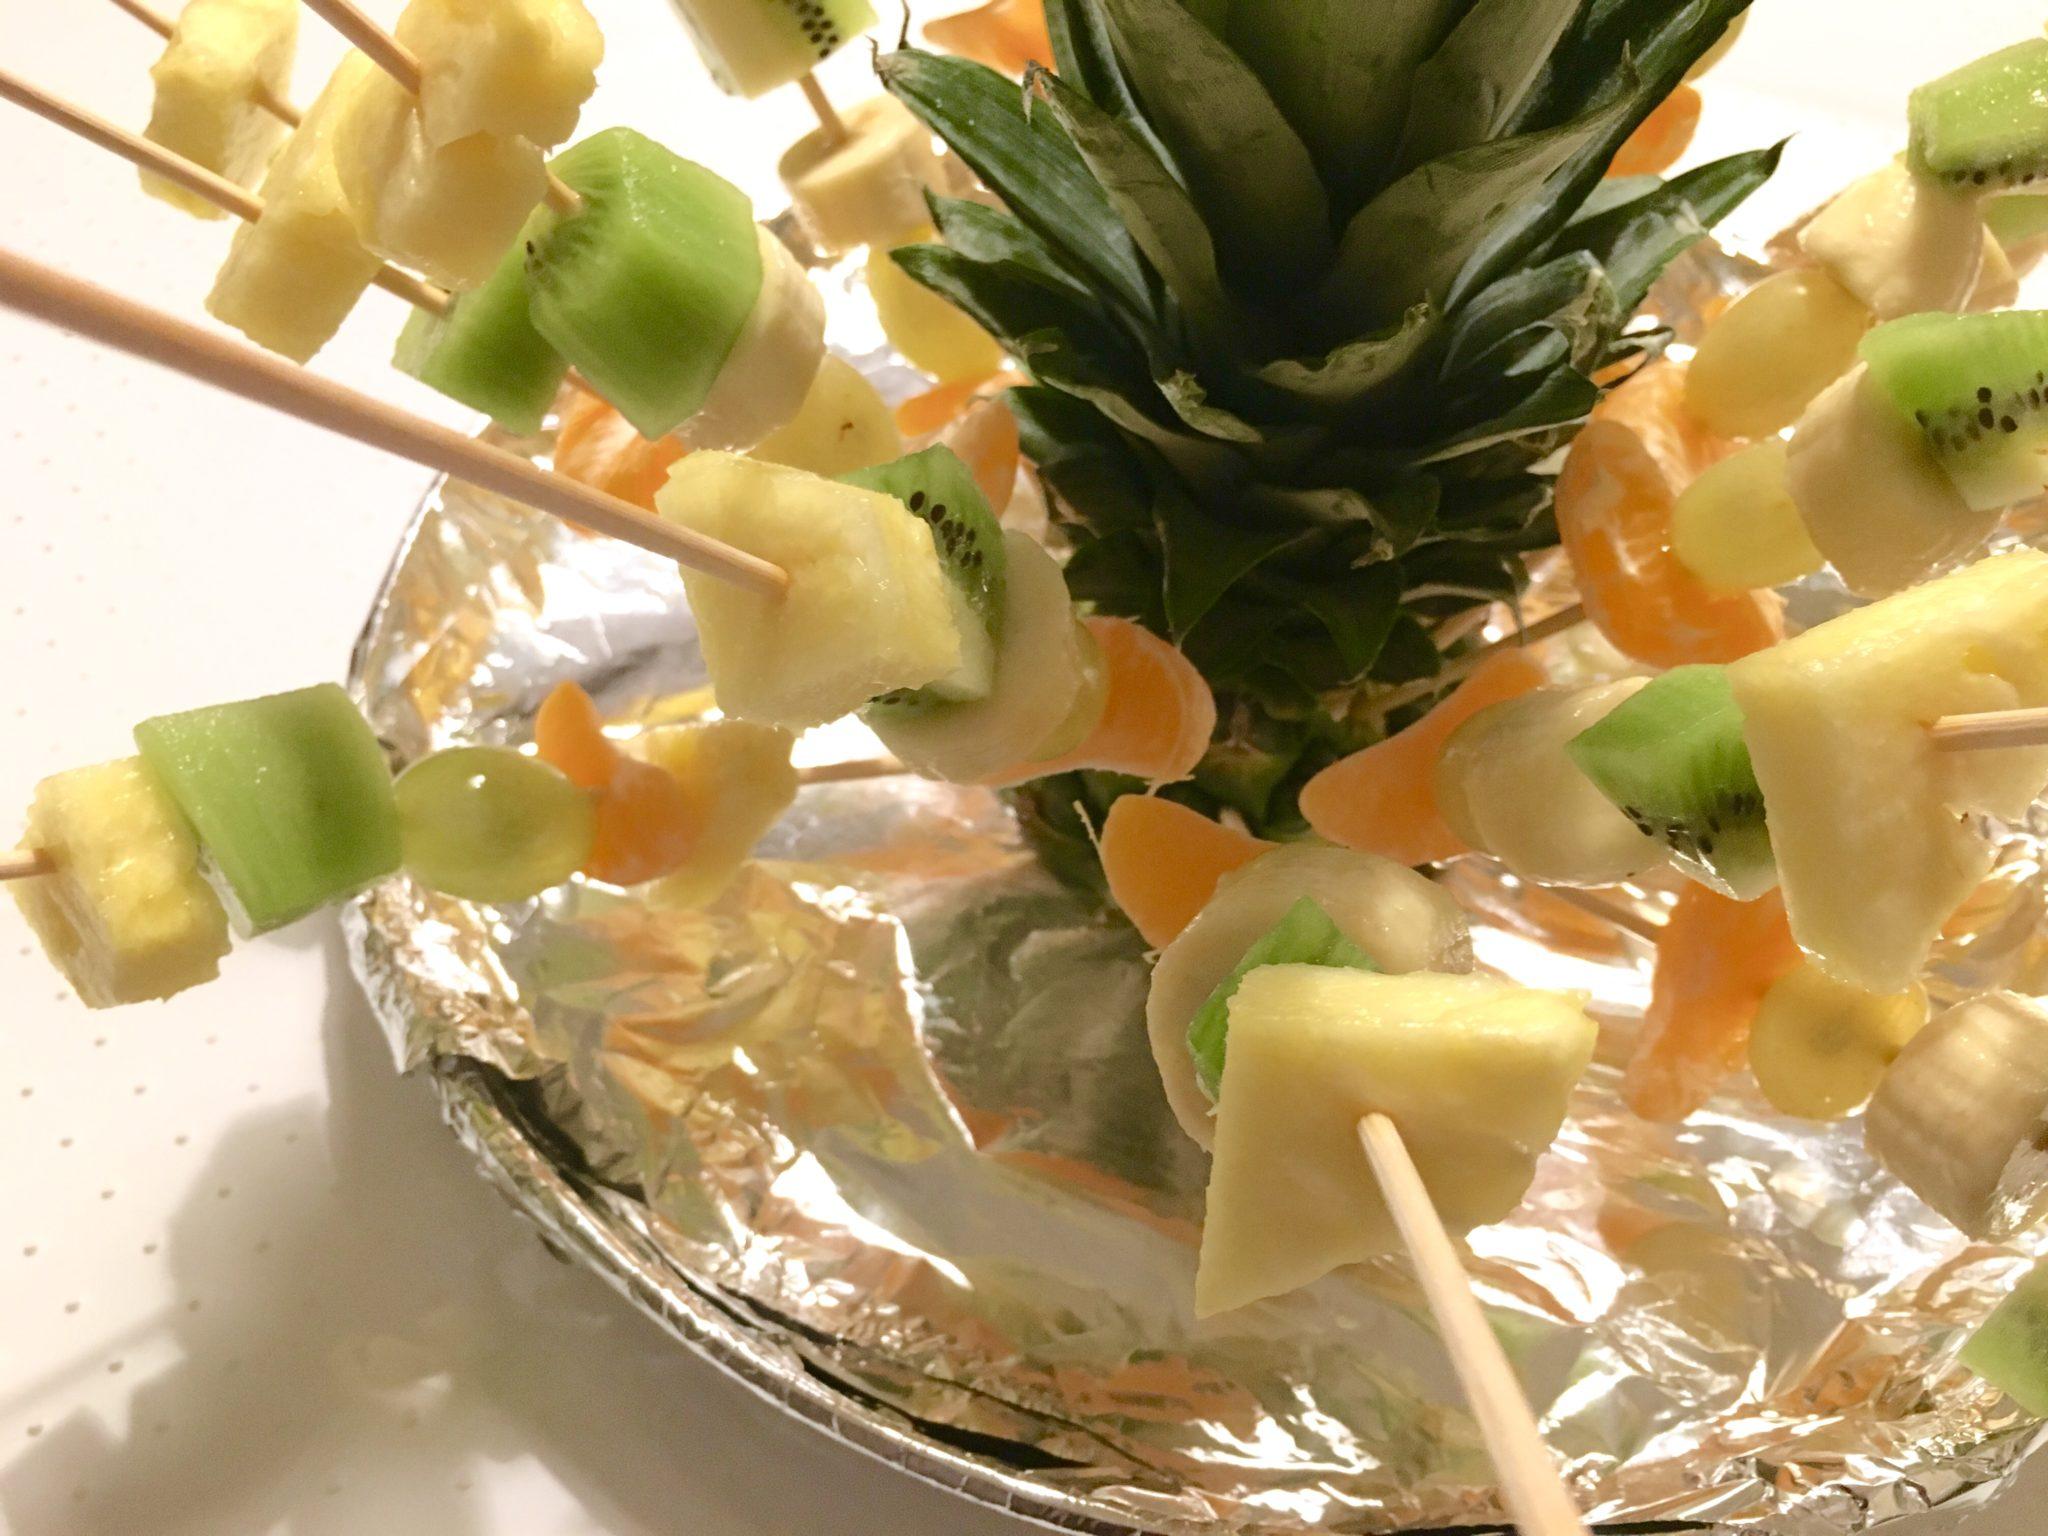 spiedini di frutta fresca di frutta frescaFullSizeRender 7